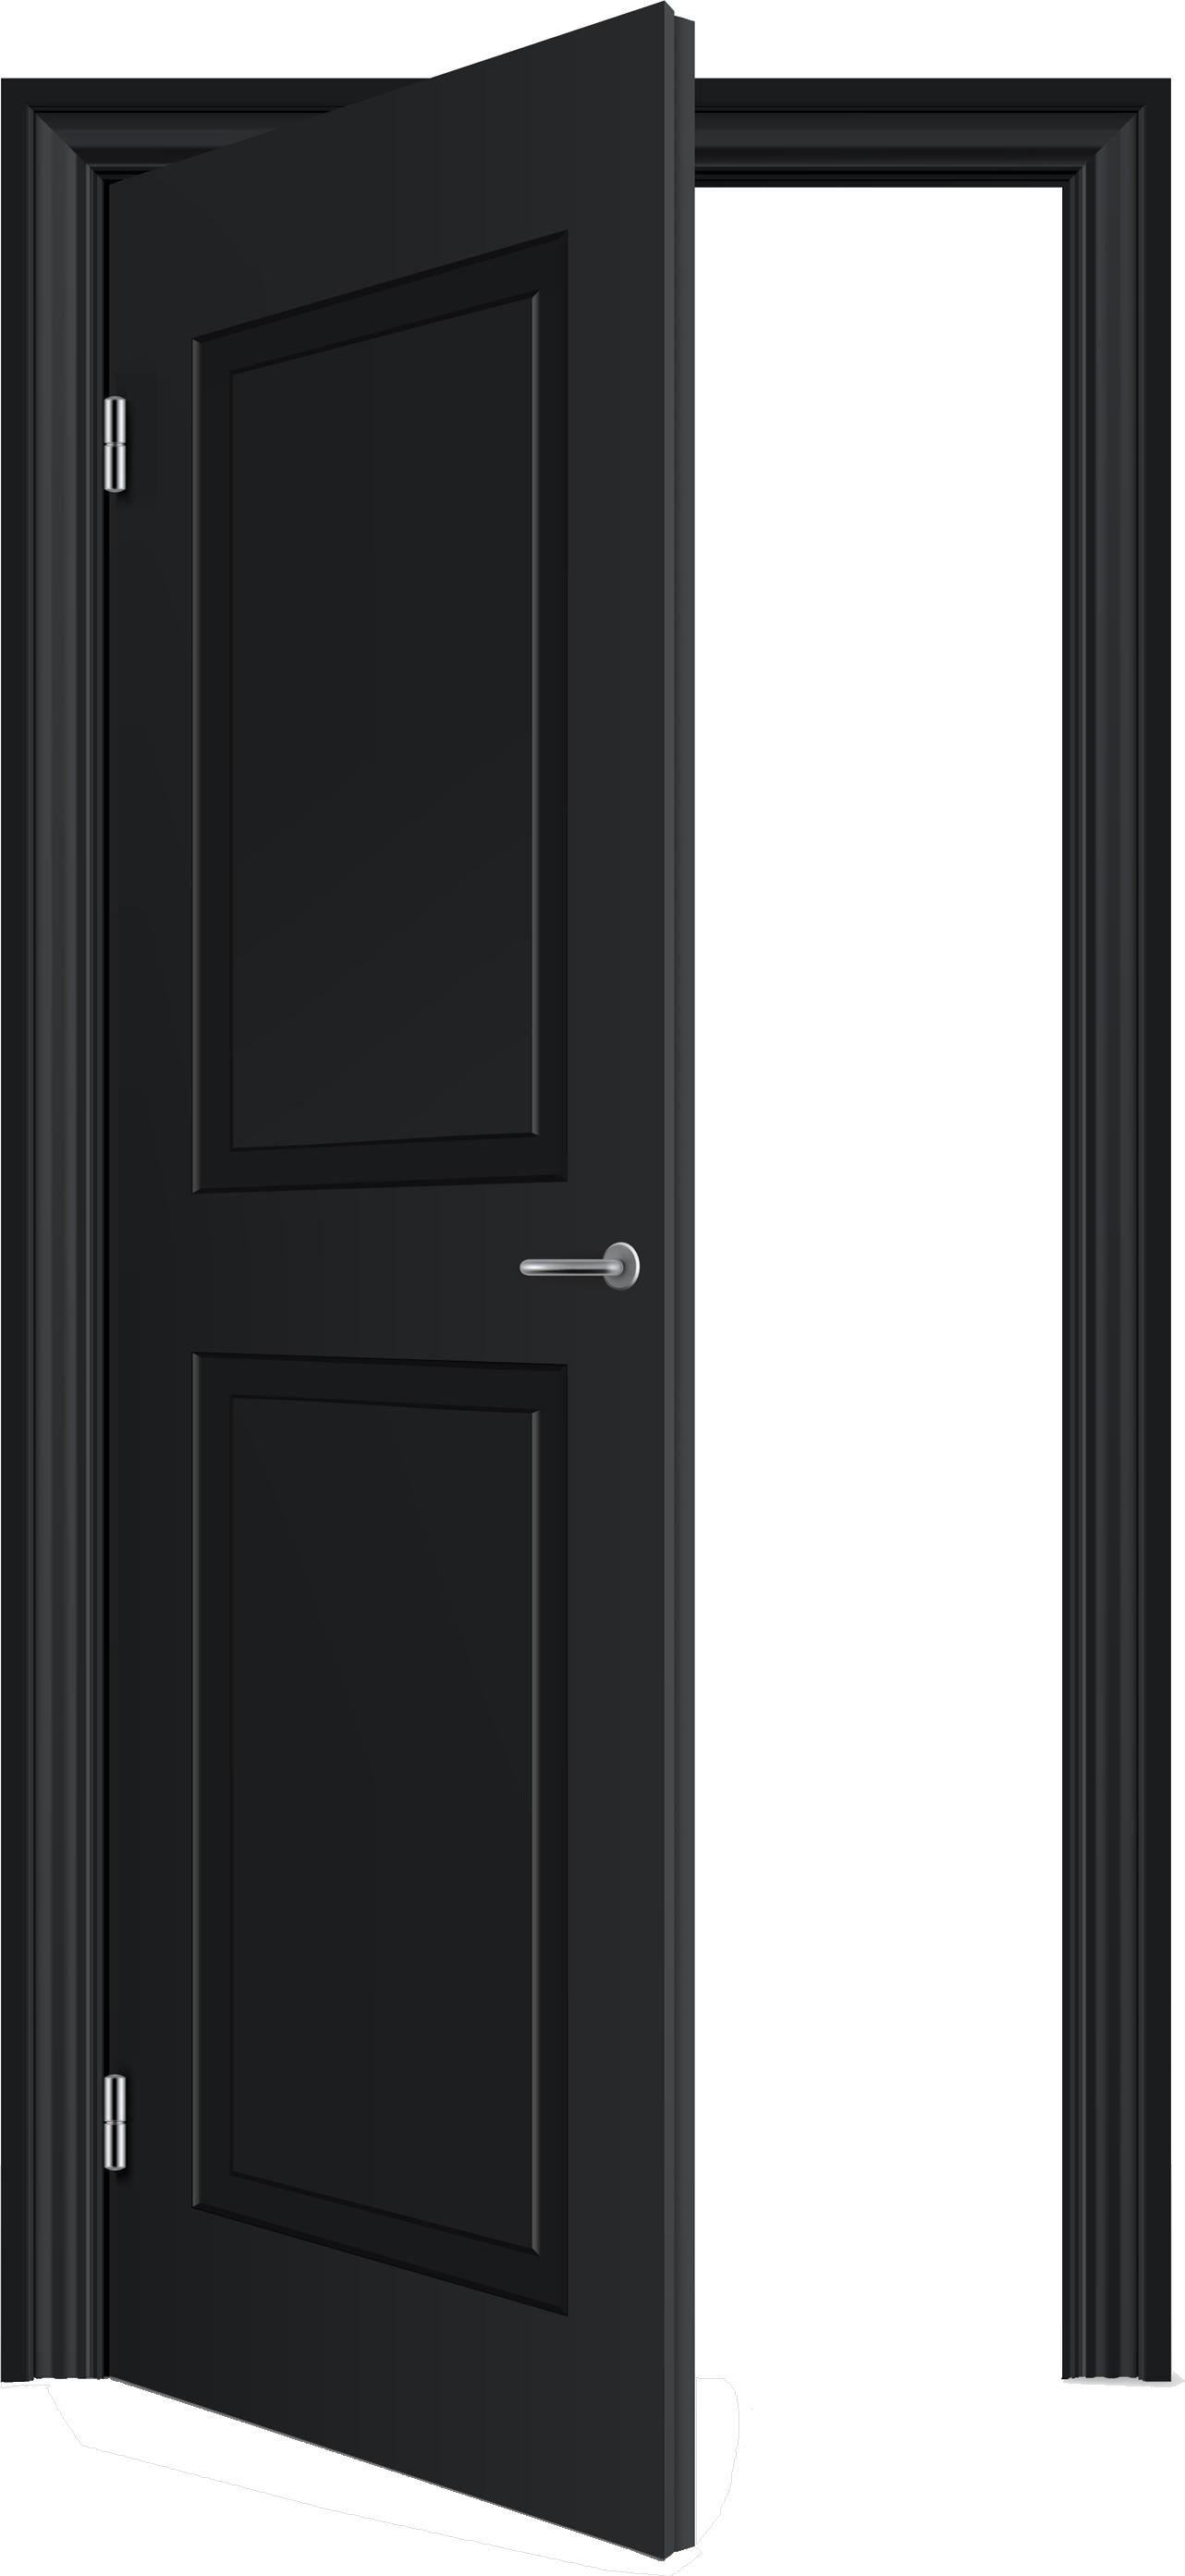 Pin By Next On Door Storage Cabinets Storage Doors